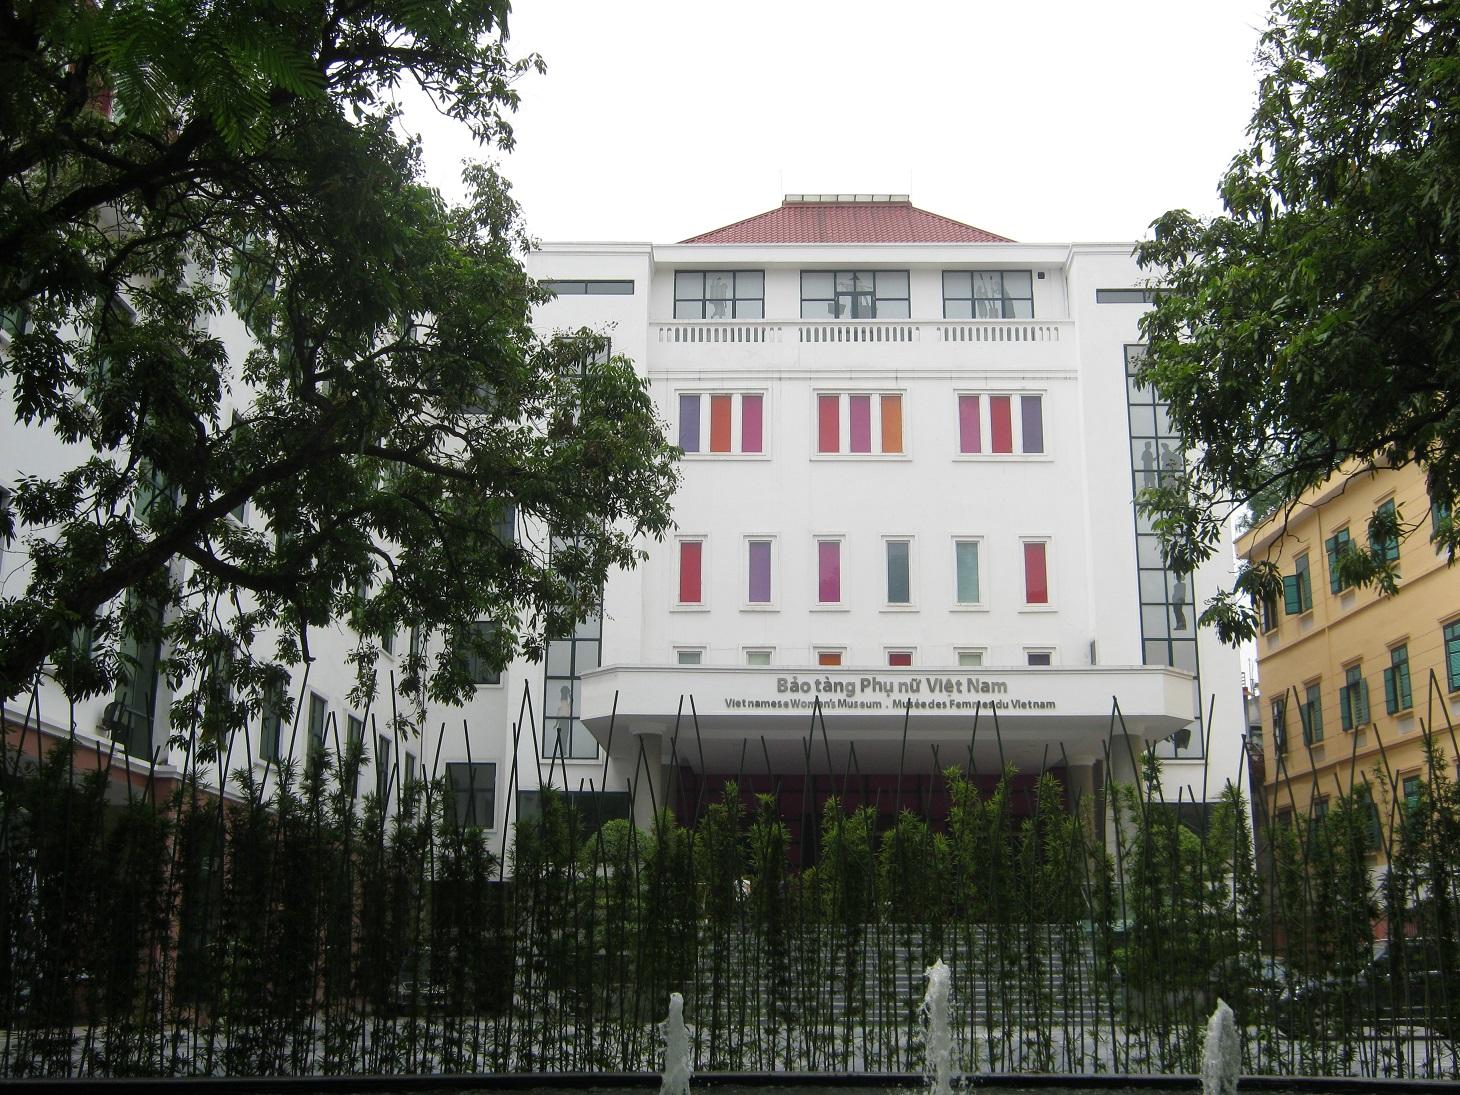 Bảo tàng Phụ nữ Việt Nam. Hình: Sưu tầm